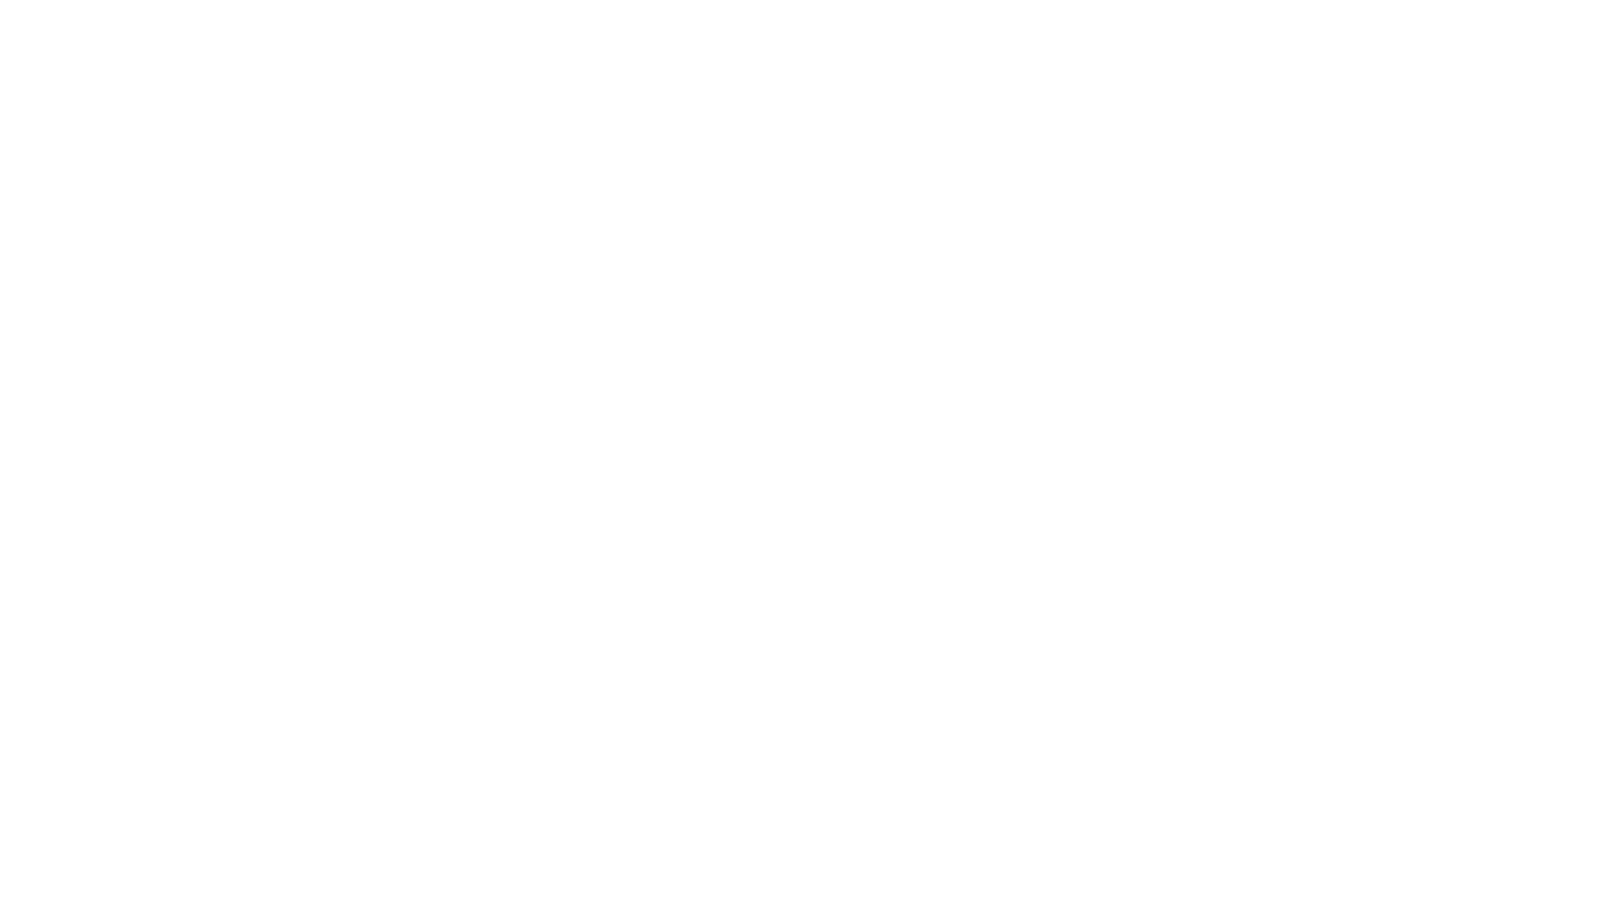 Y, aunque con modificaciones a causa del covid, un año más volvimos a la Residencia de Mayores Fundación Santísima Virgen y San Celedonio, donde compartimos con muchos supervivientes la rica Flor Dulce de Navidad. Este año no hemos podido realizar allí nuestro Voluntariado Extraordinario por motivos sanitarios pero prometemos volver con más fuerza.